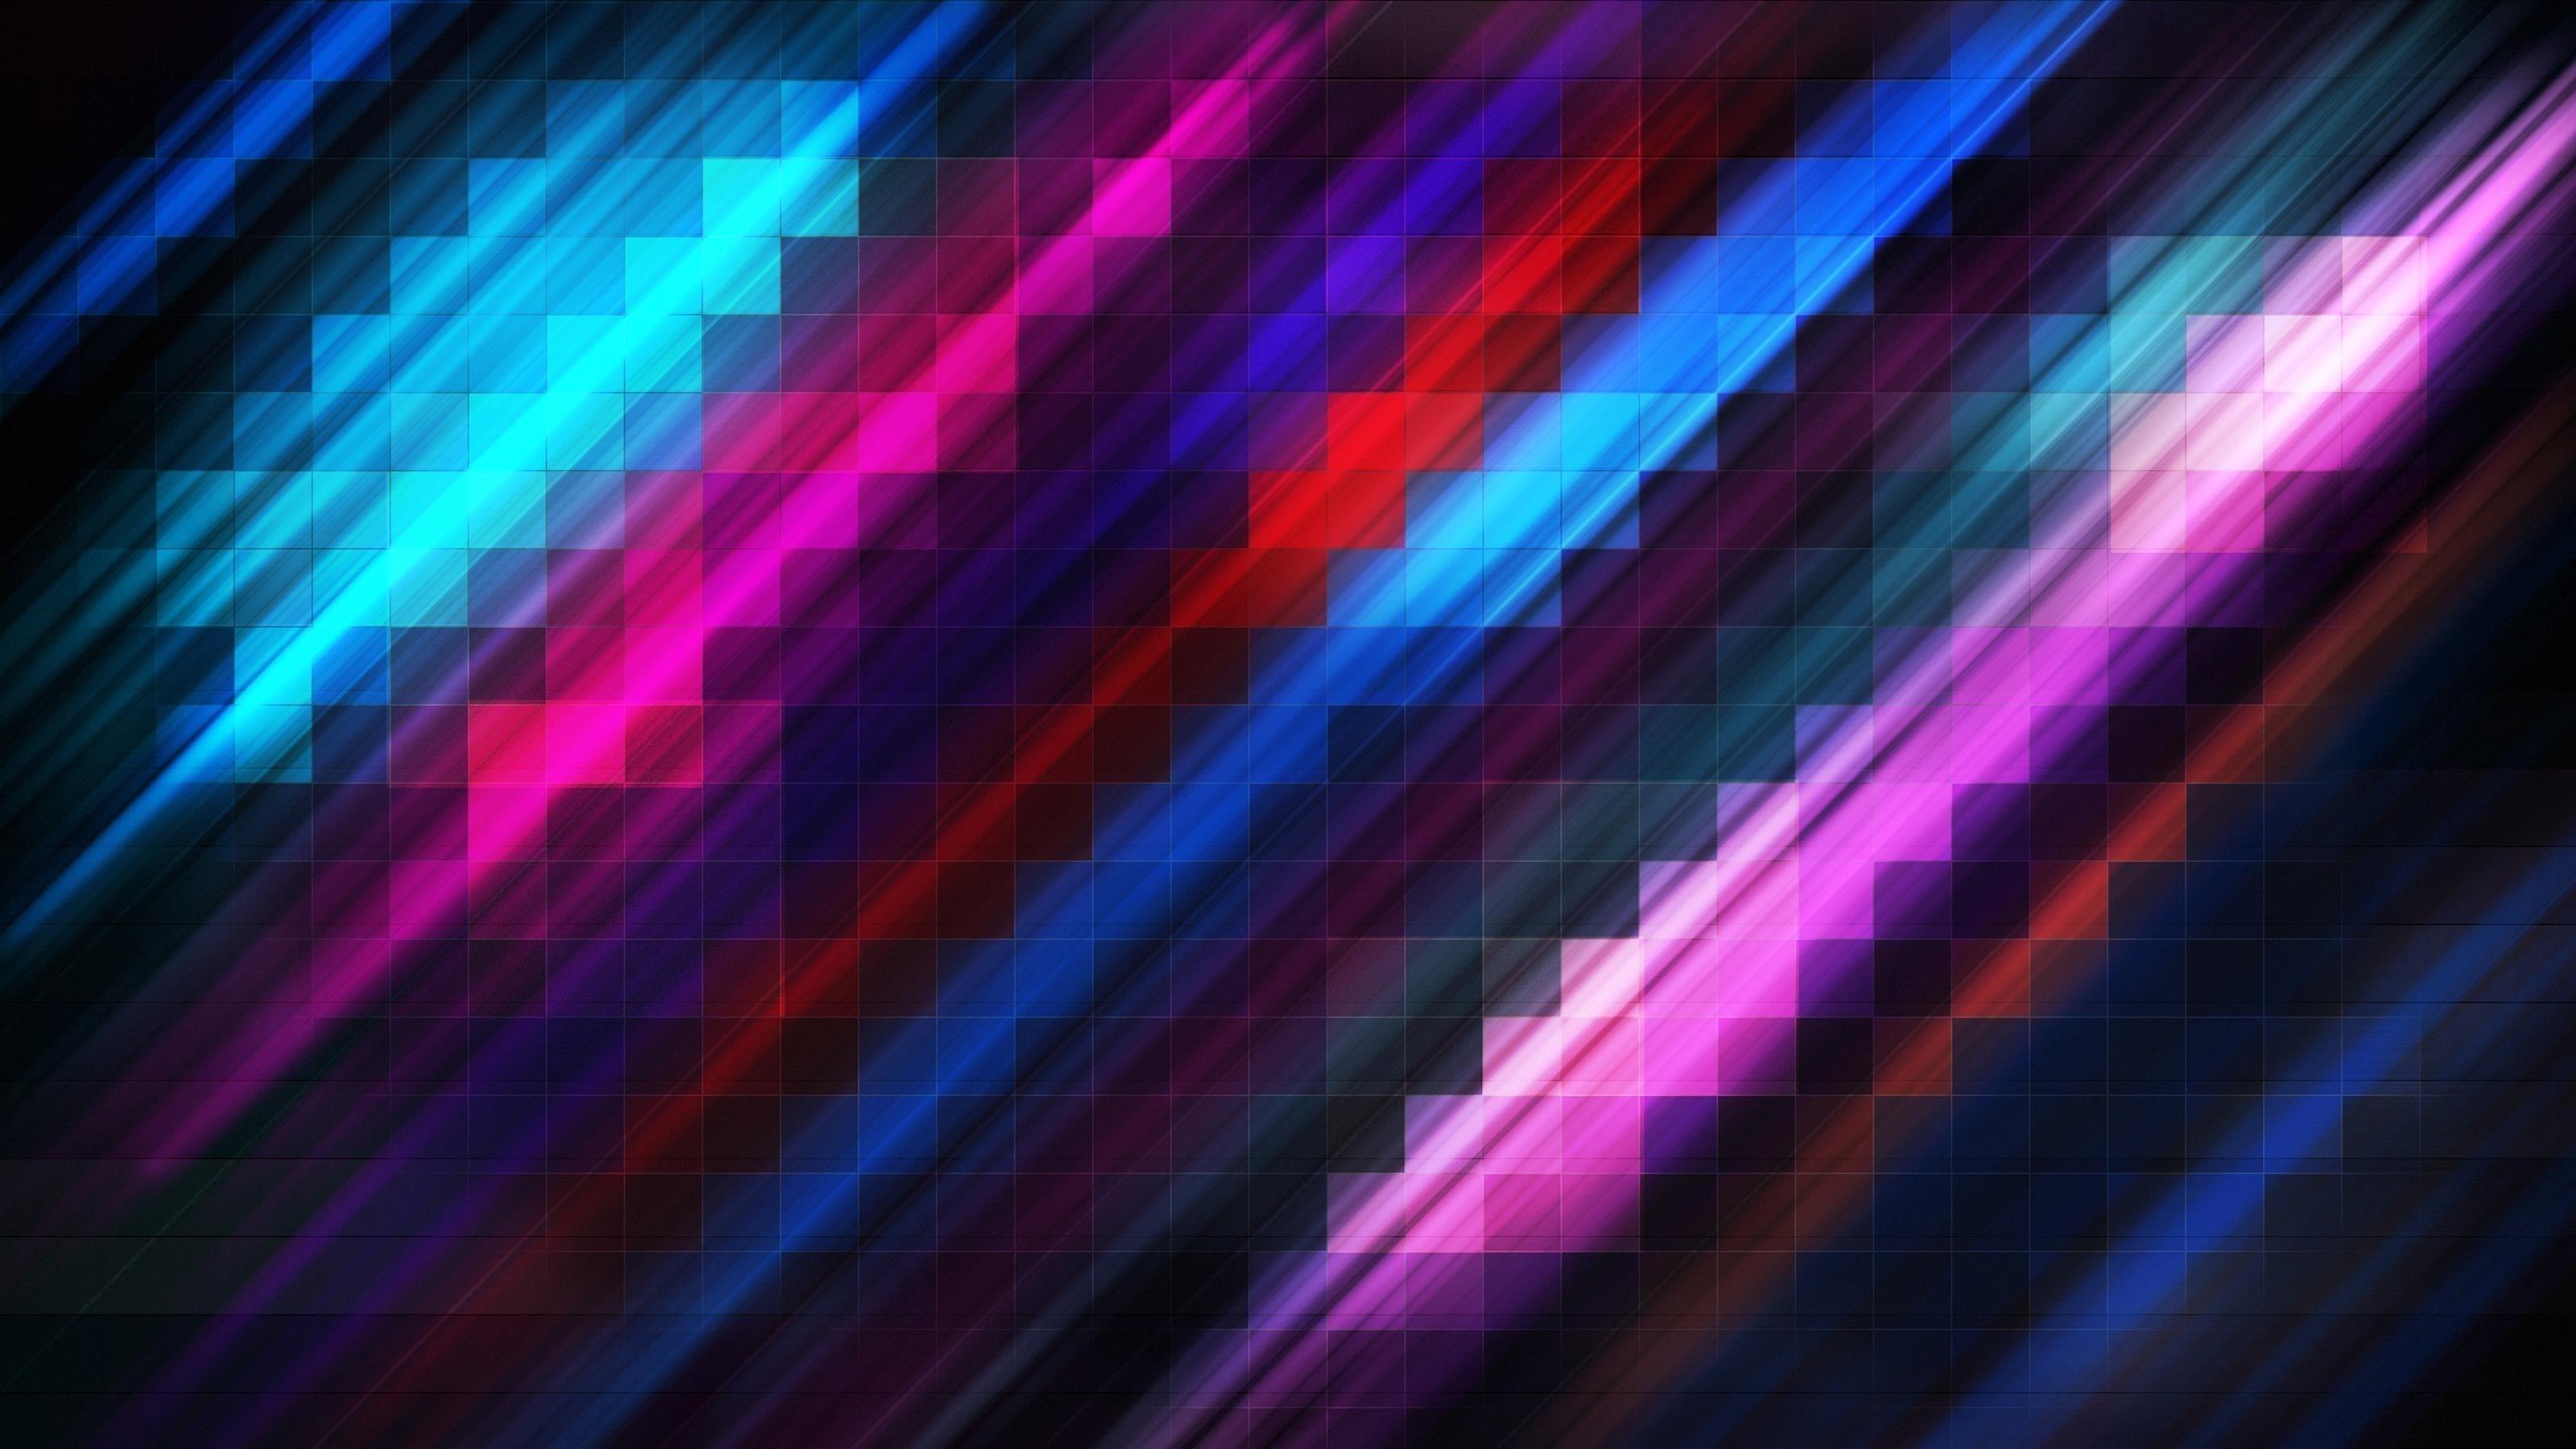 Красочный абстрактный обои скачать